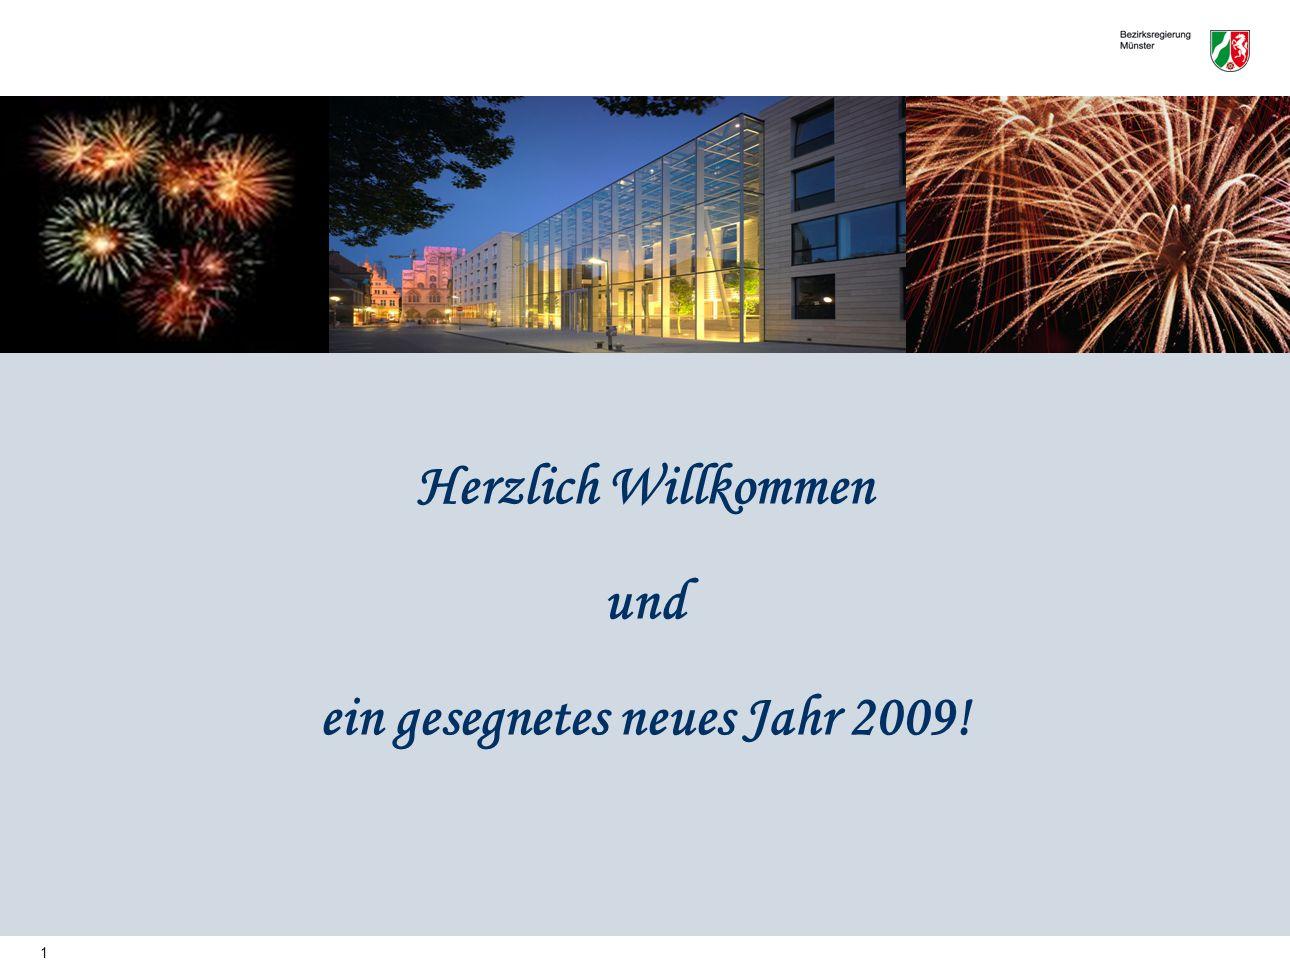 ein gesegnetes neues Jahr 2009!